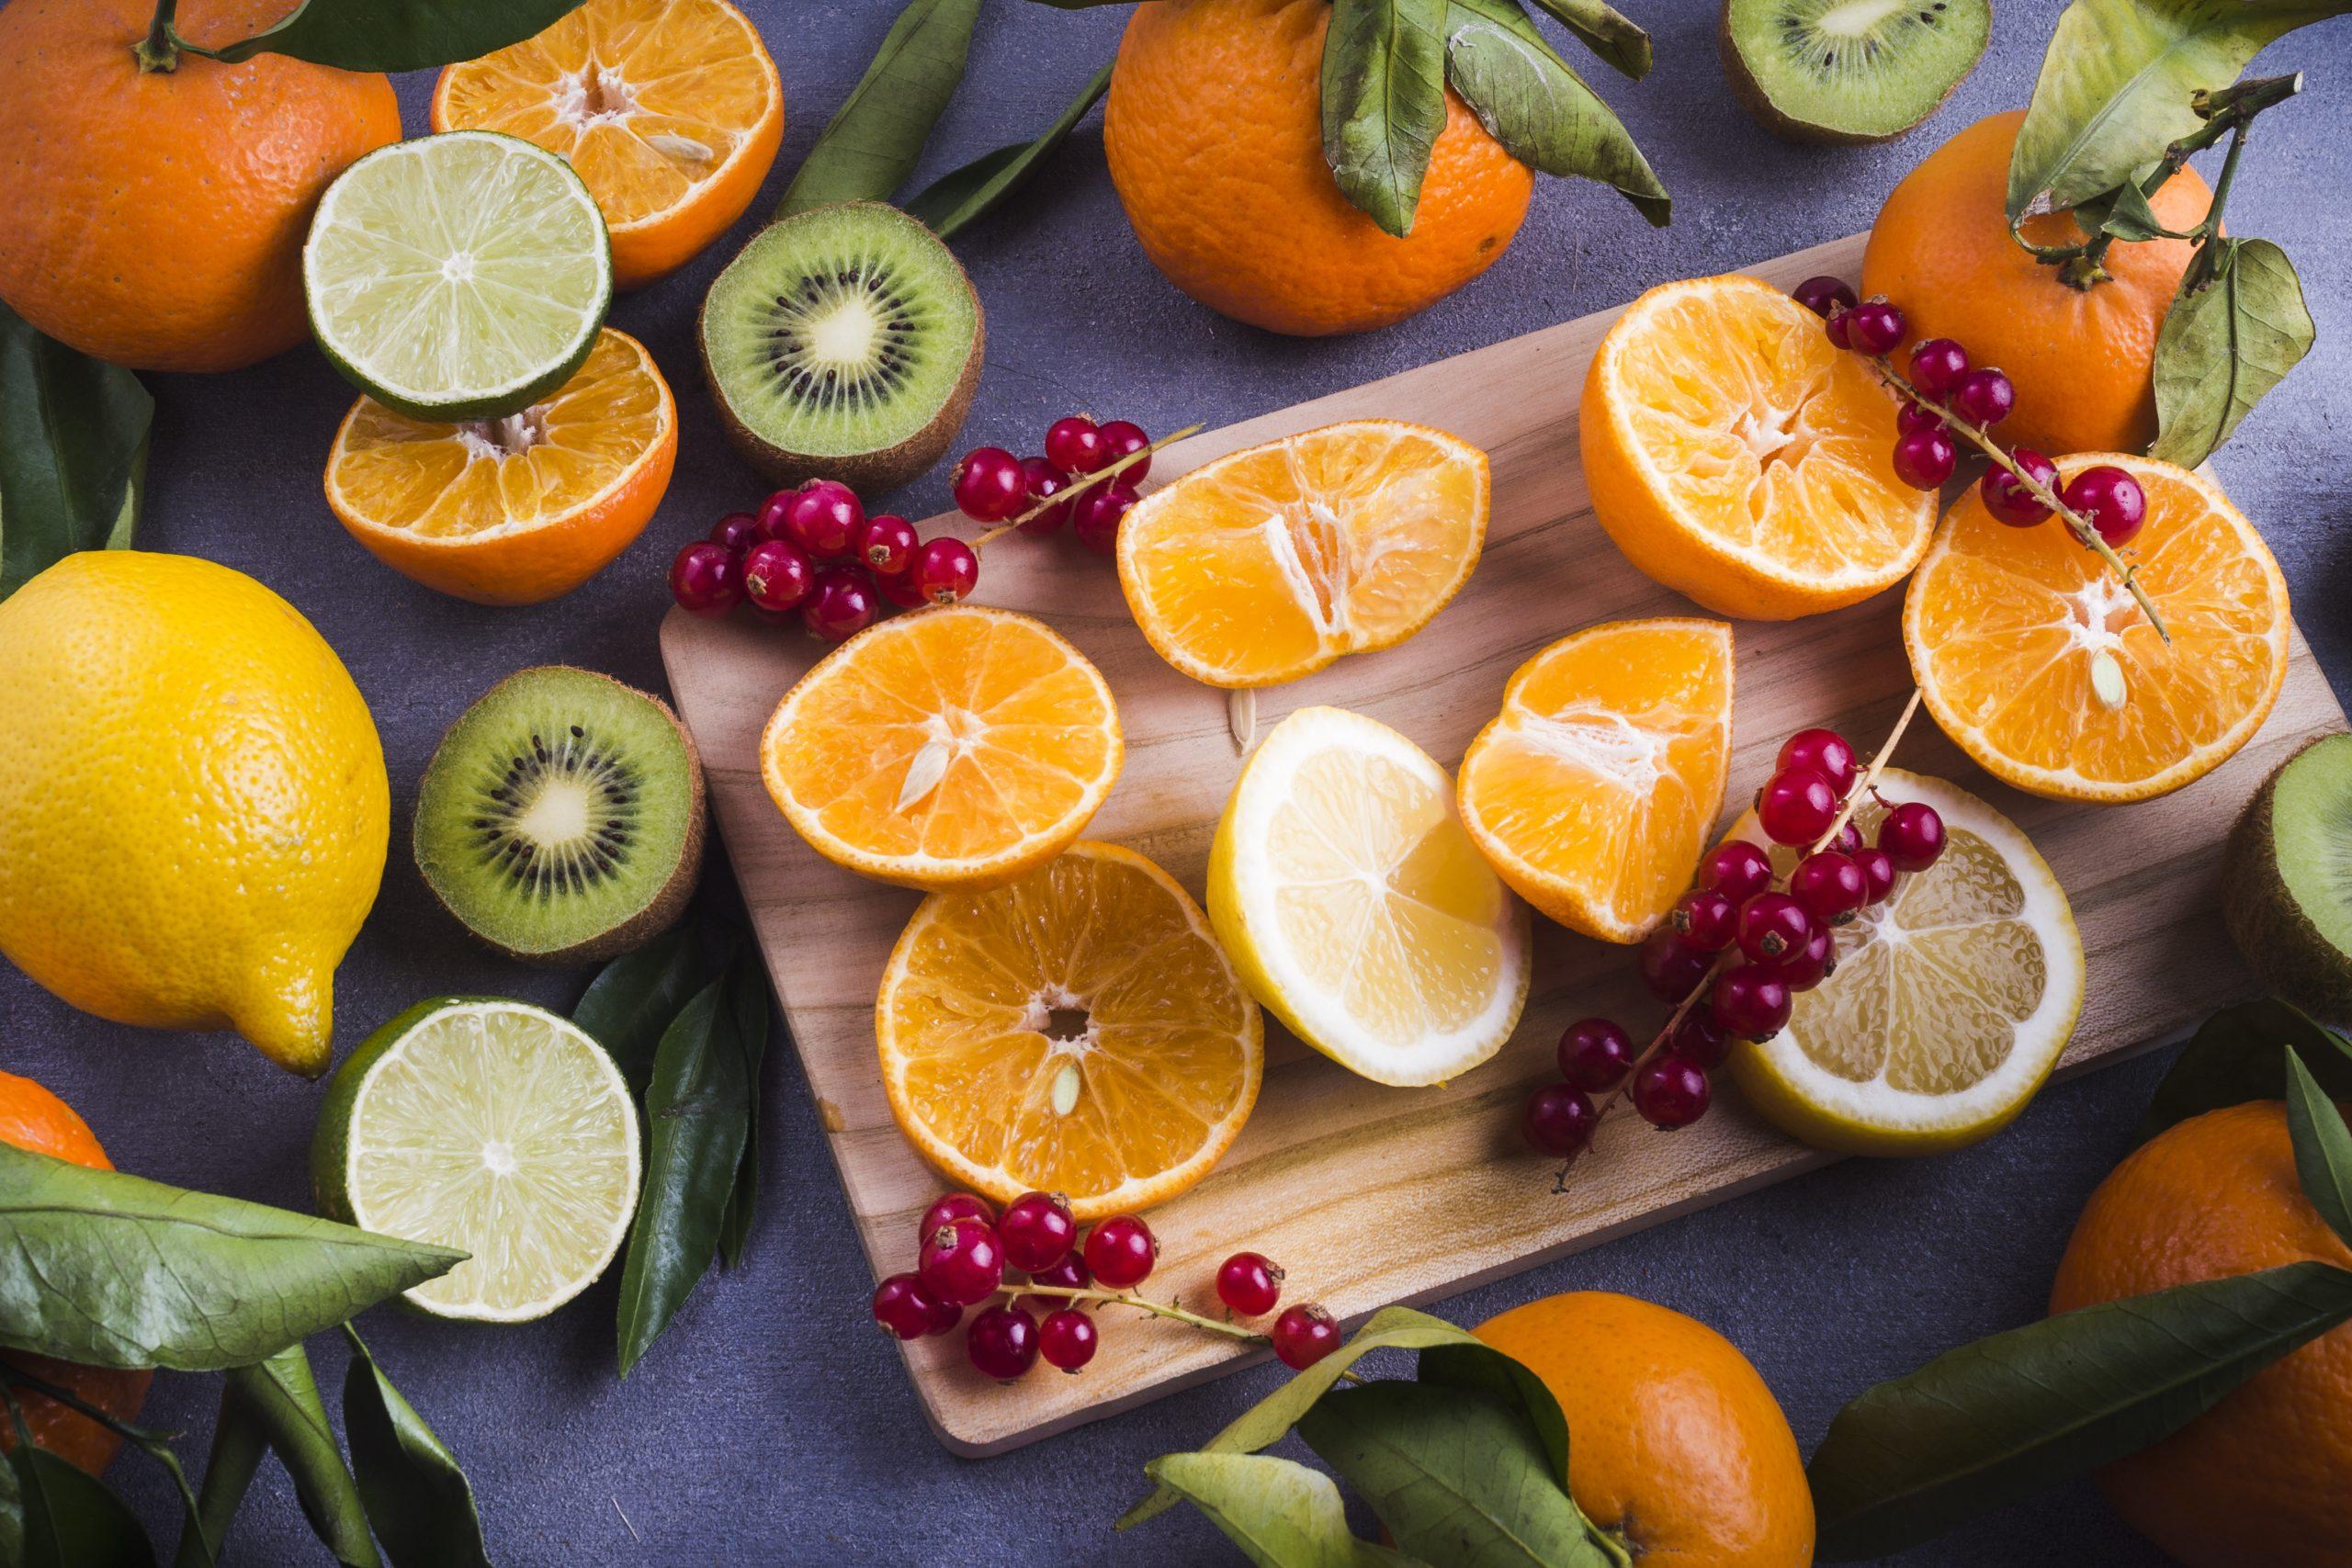 ทานผลไม้ที่มีวิตามินซี